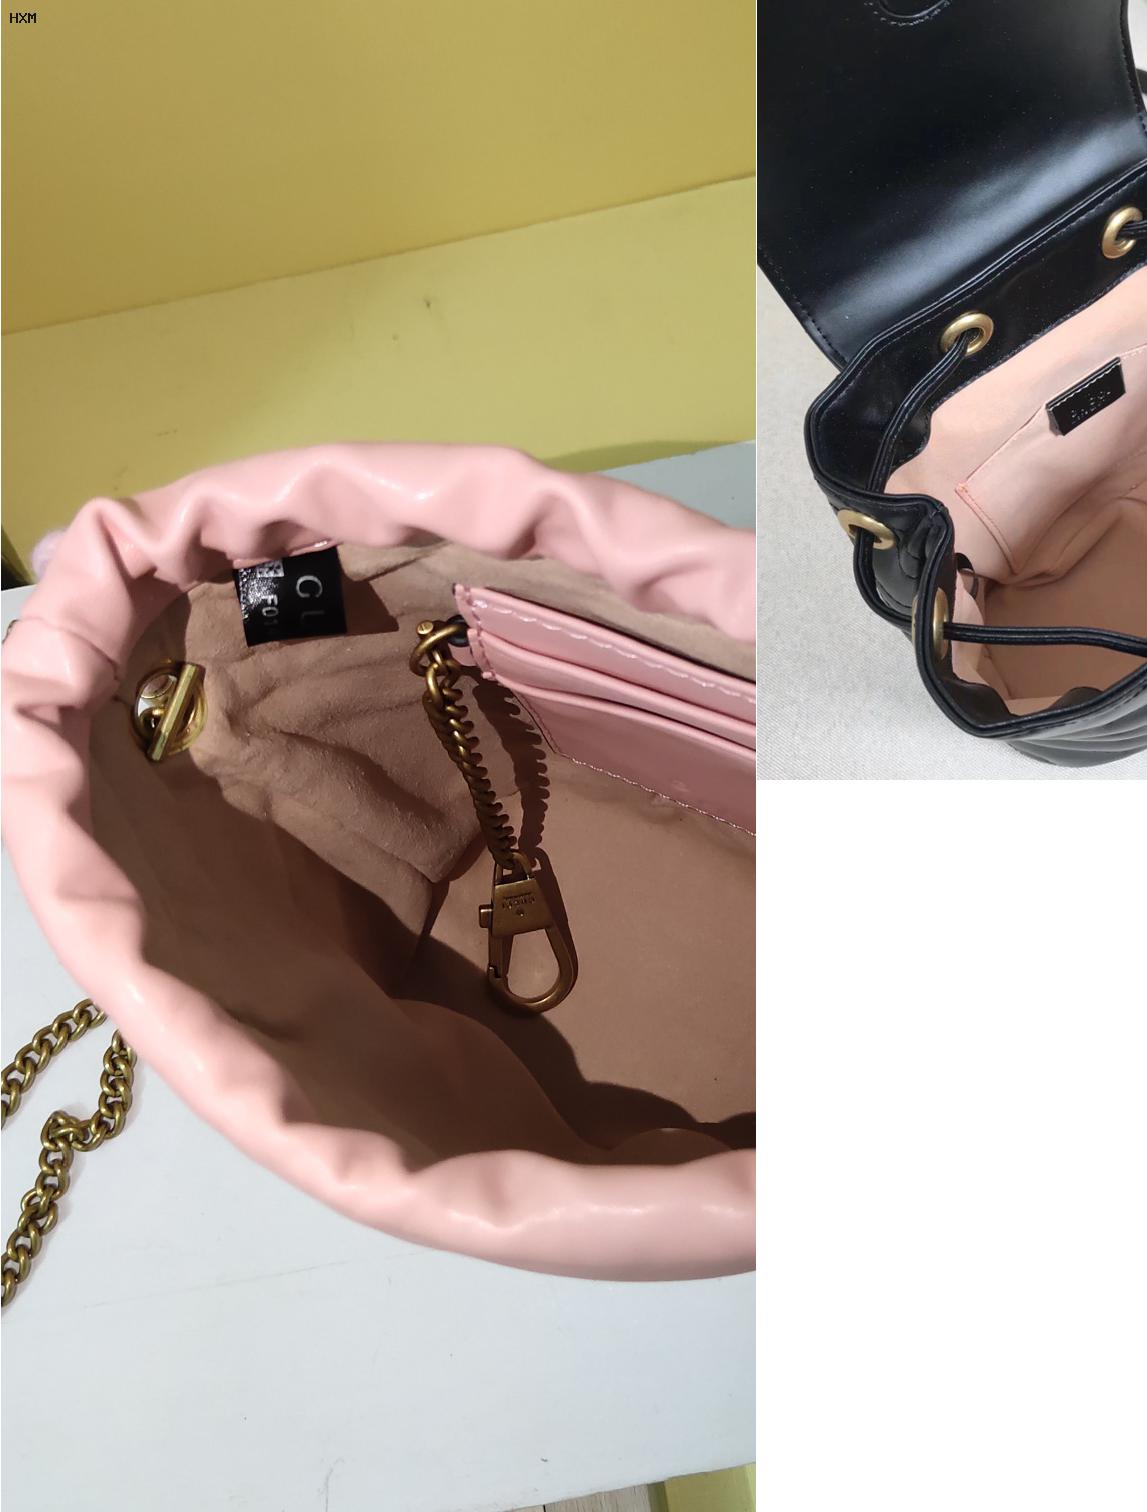 cinturon gucci rosa